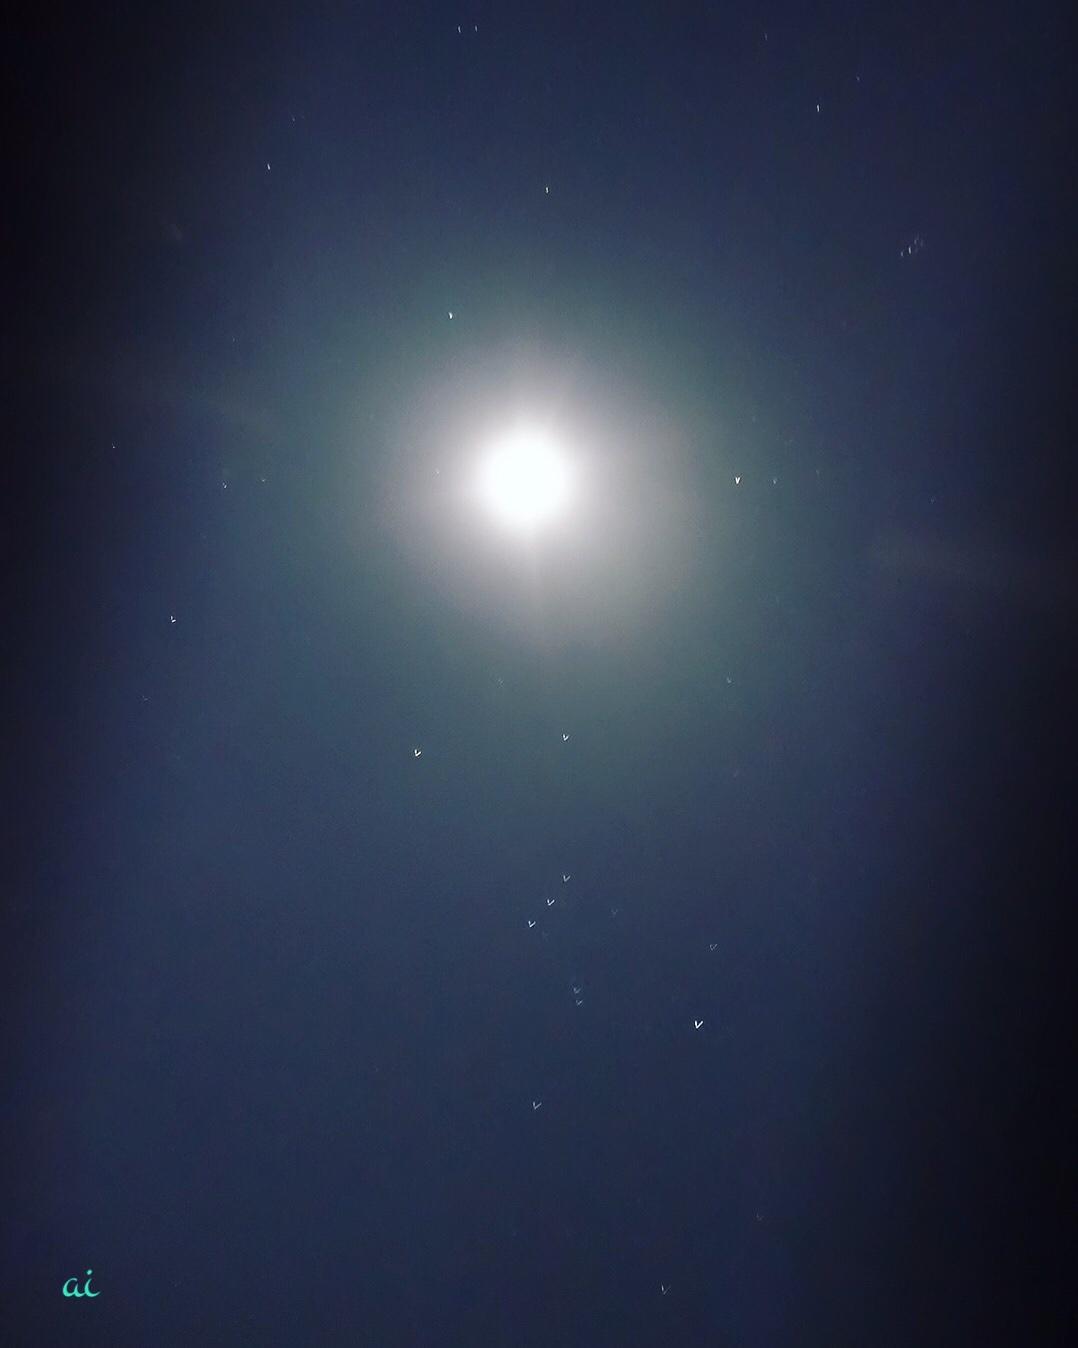 双子座満月の奇跡